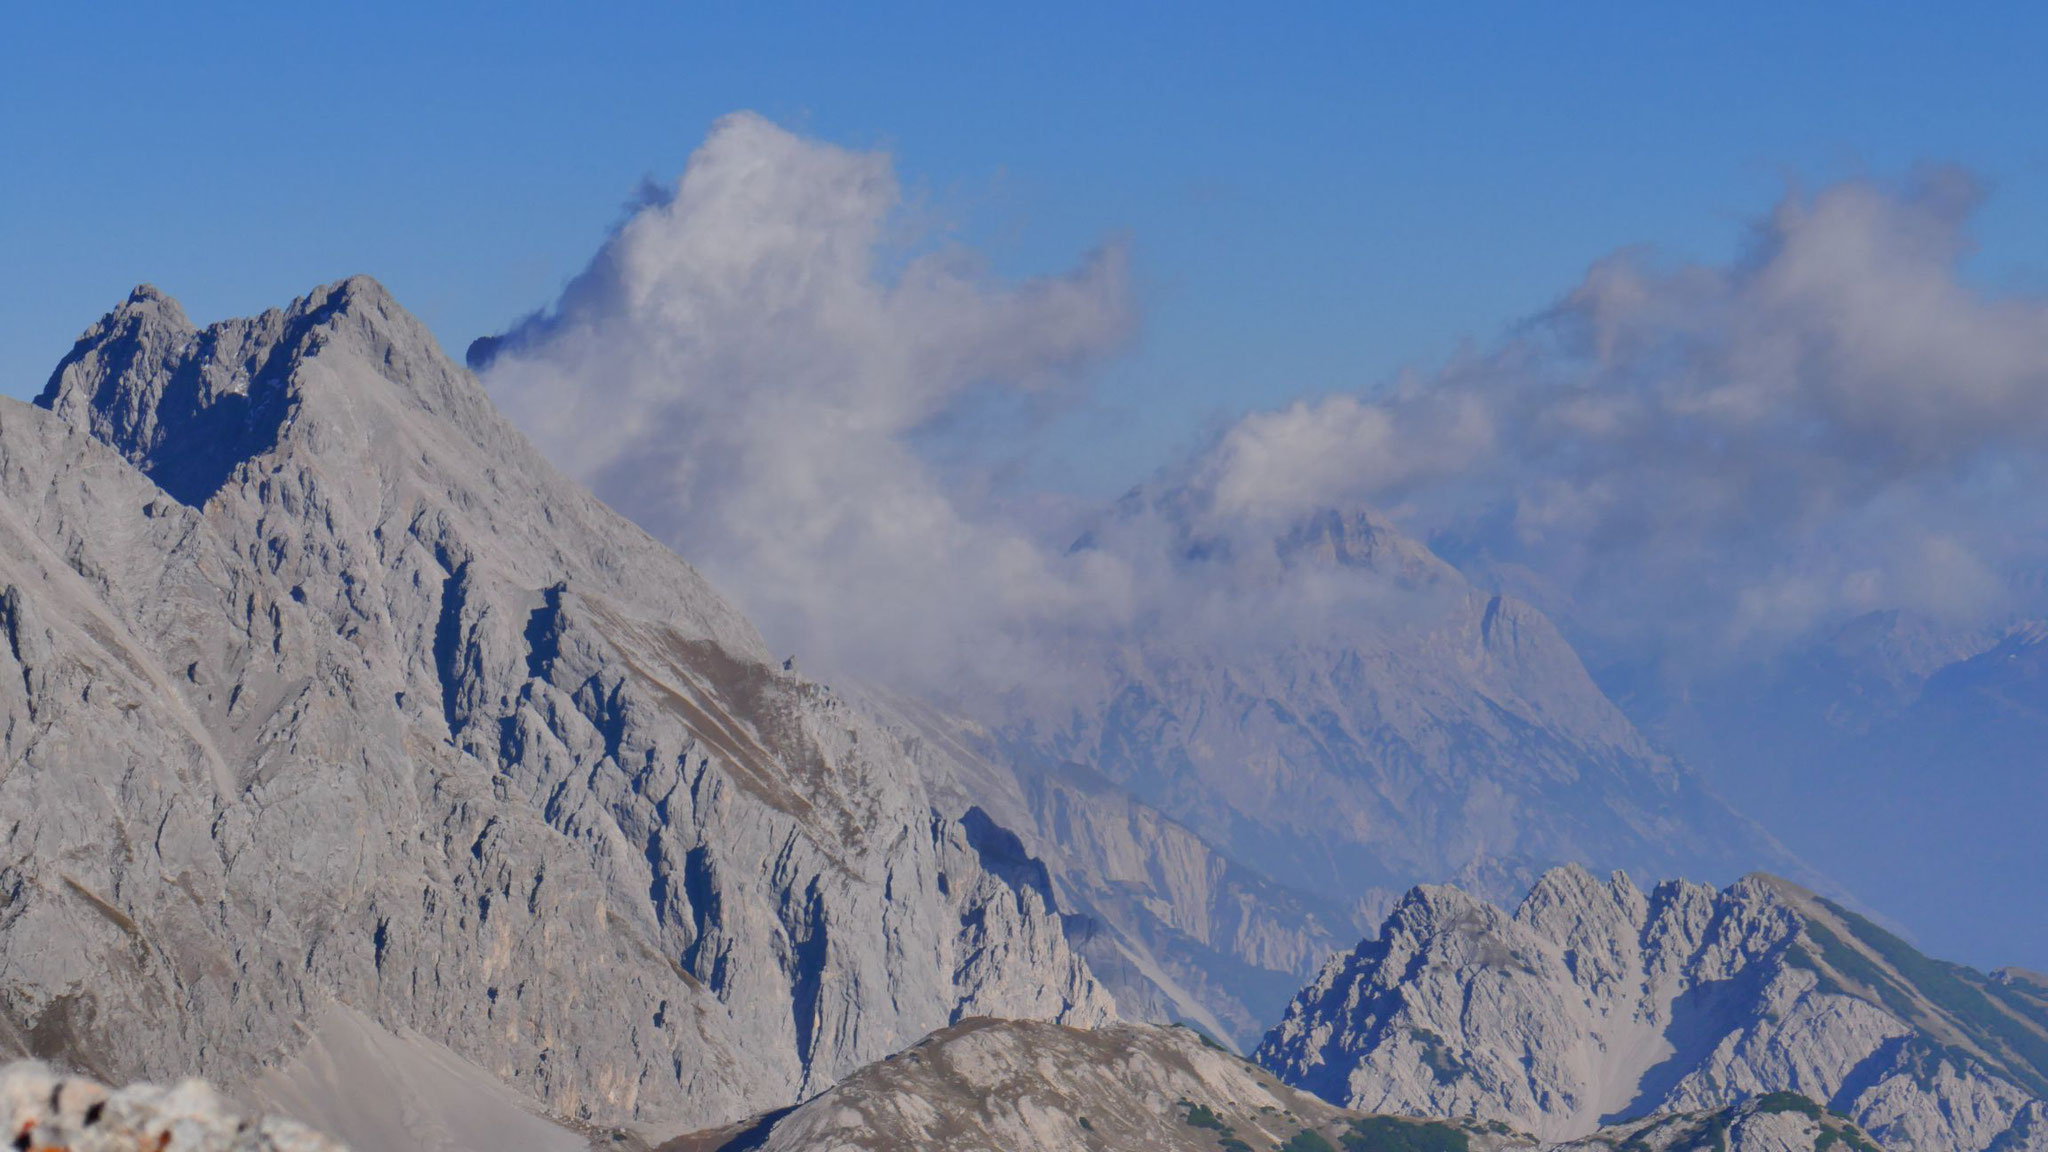 Griesspitzen, Wankspitze und im Hintergrund Hohe Munde